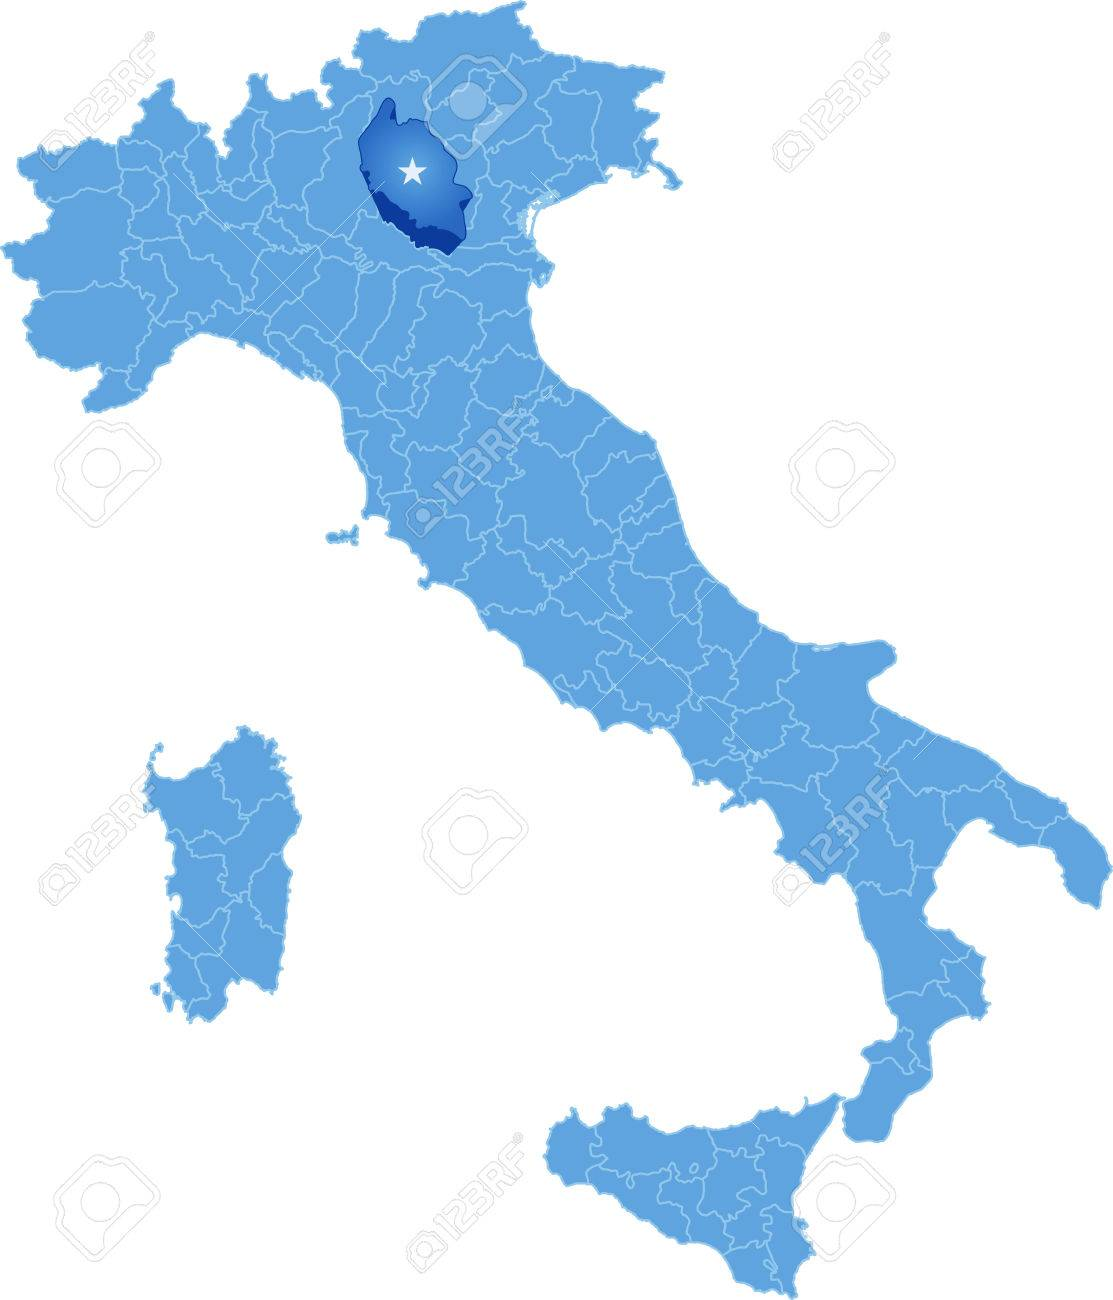 Karte Von Italien Wo Der Provinz Verona Herausgezogen Wird